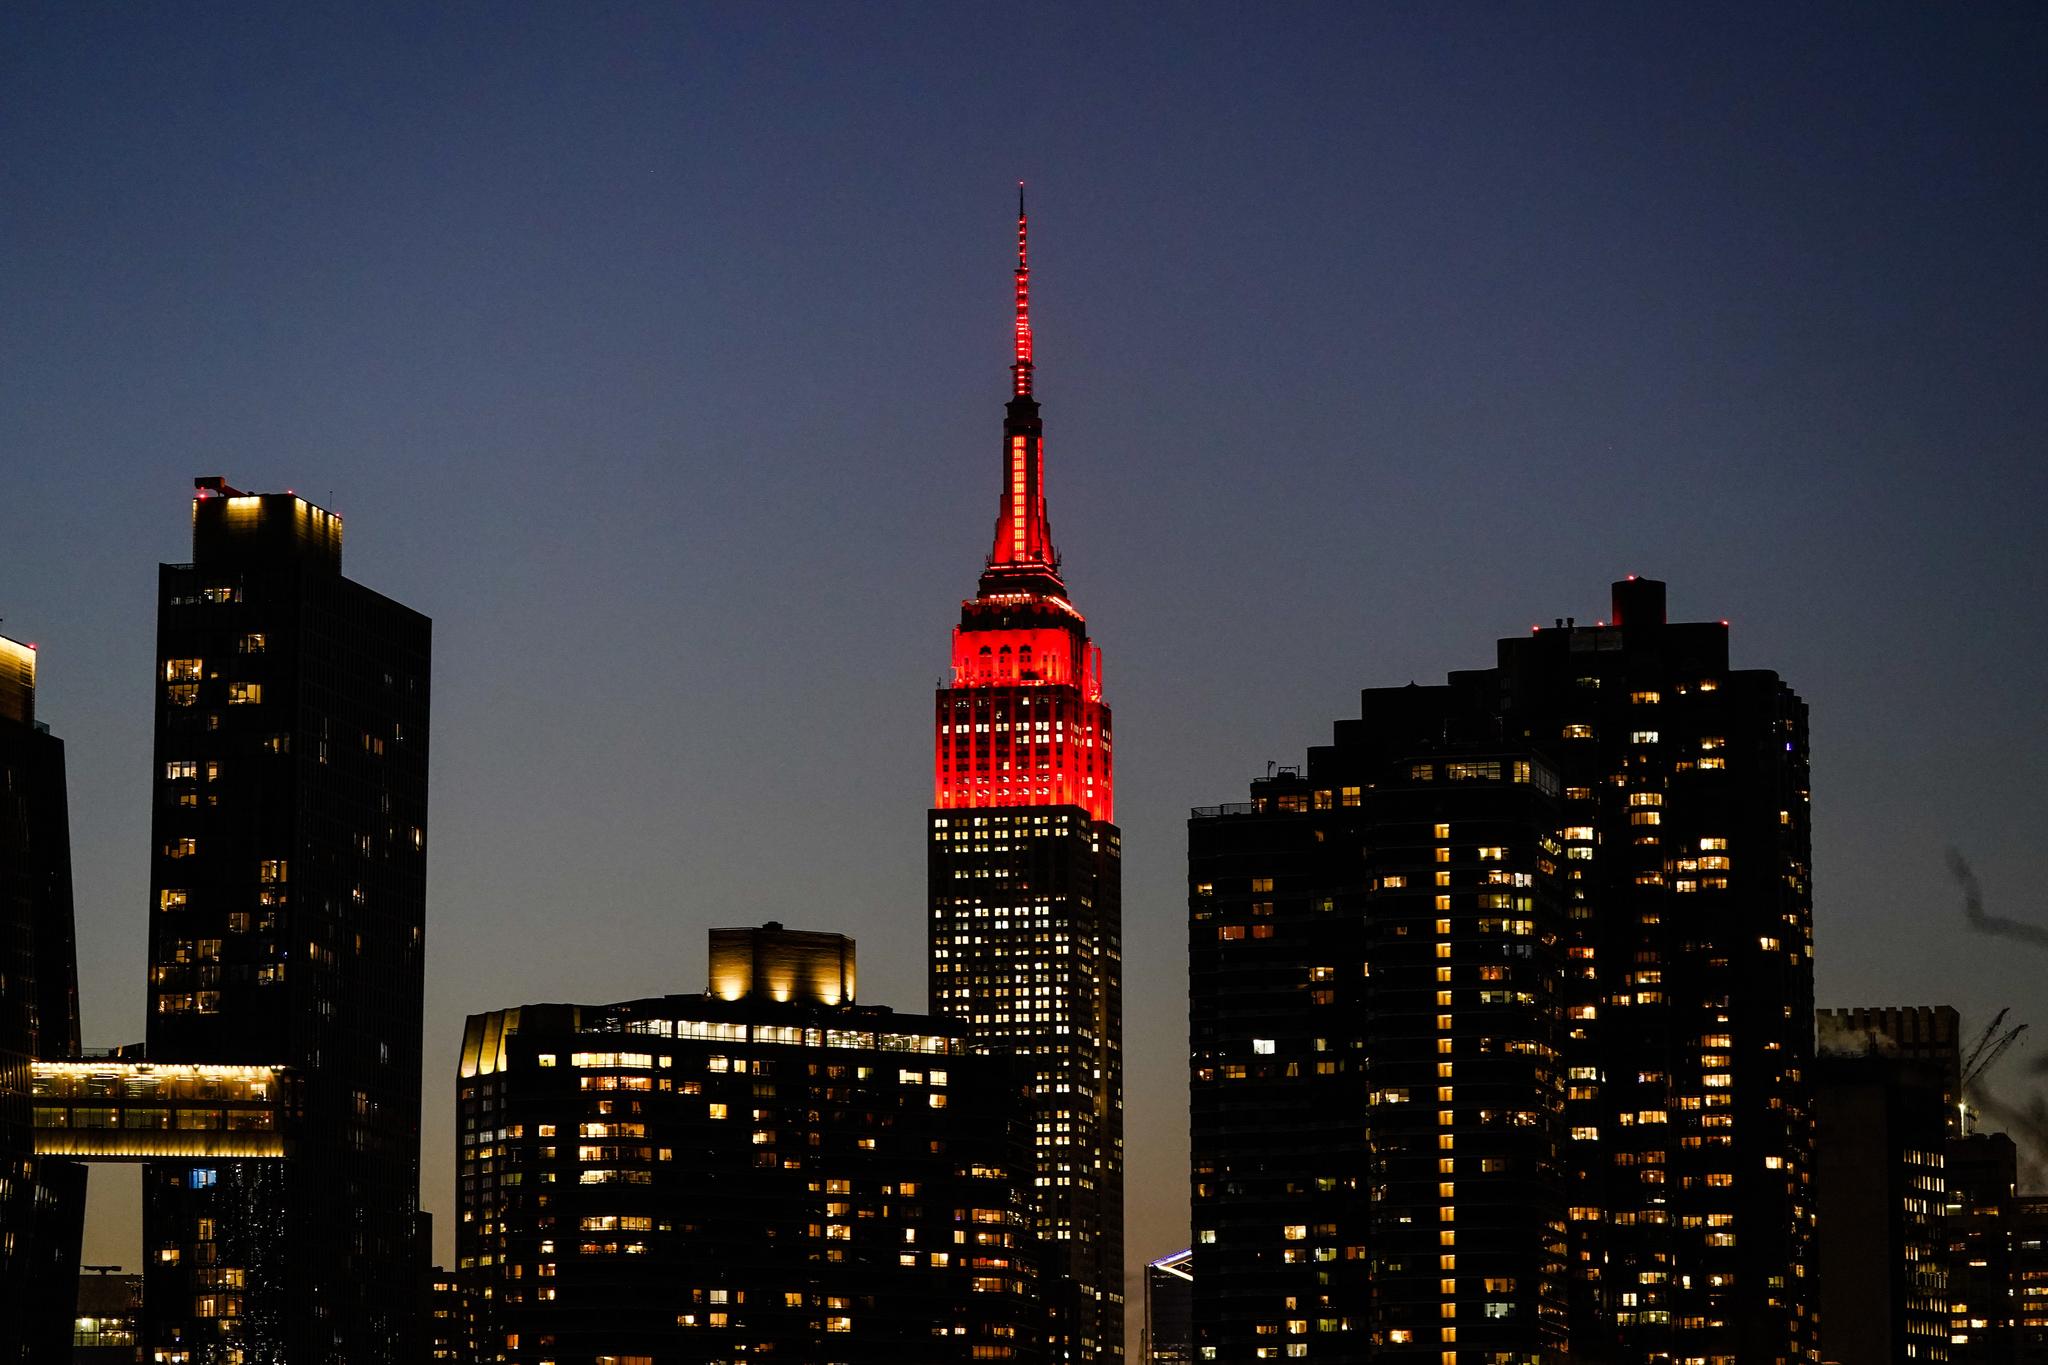 19일 밤 미국의 고층 빌딩들이 코로나 19 사망자를 추모하는 조명을 밝힌 가운데 뉴욕의 엠파이어 스테이트 빌딩에 심장 박동처럼 점멸하는 붉은 조명이 켜졌다. 미국의 코로나 19 희생자는 40만명을 넘어섰다. 도널드 트럼프의 임기 마지막을 장식하는 암울한 풍경이다. AP=연합뉴스